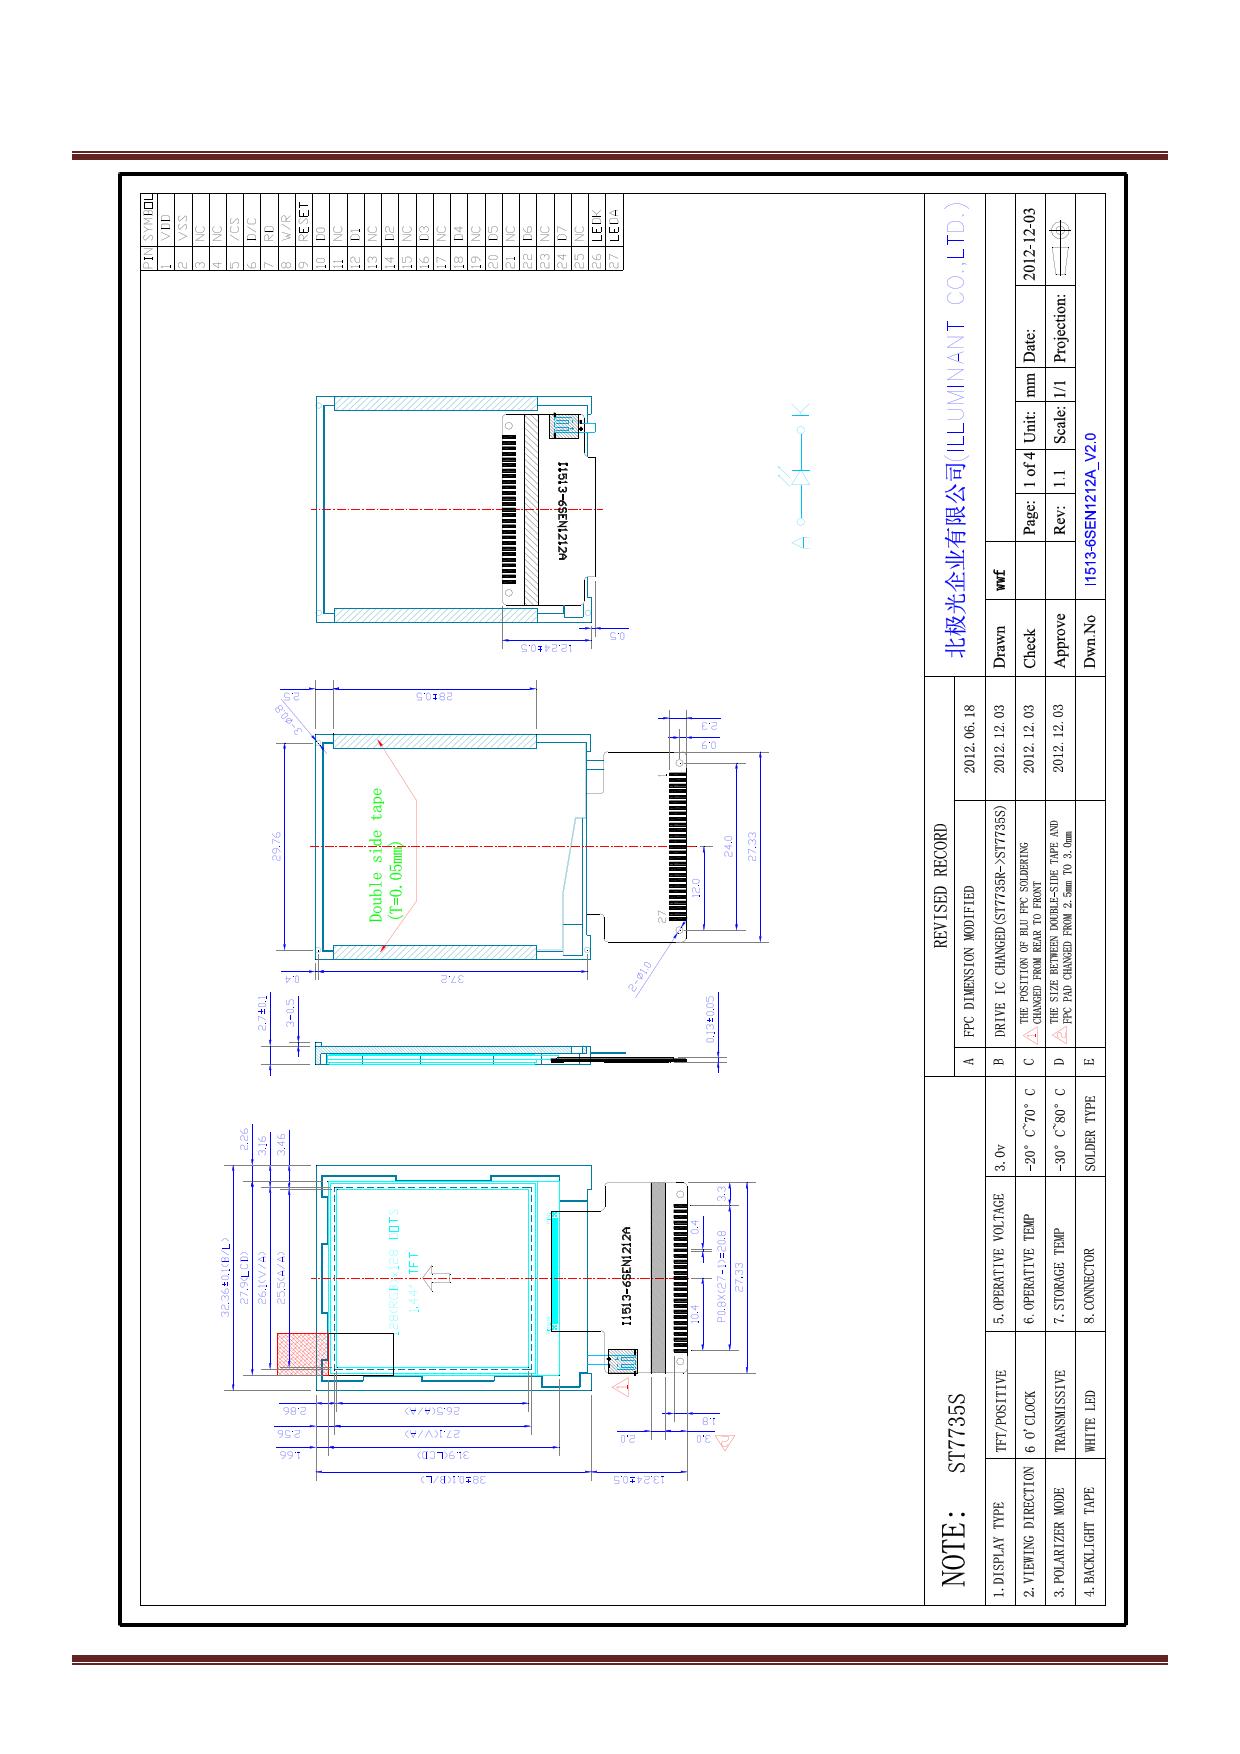 I1513-6SEN1212A pdf